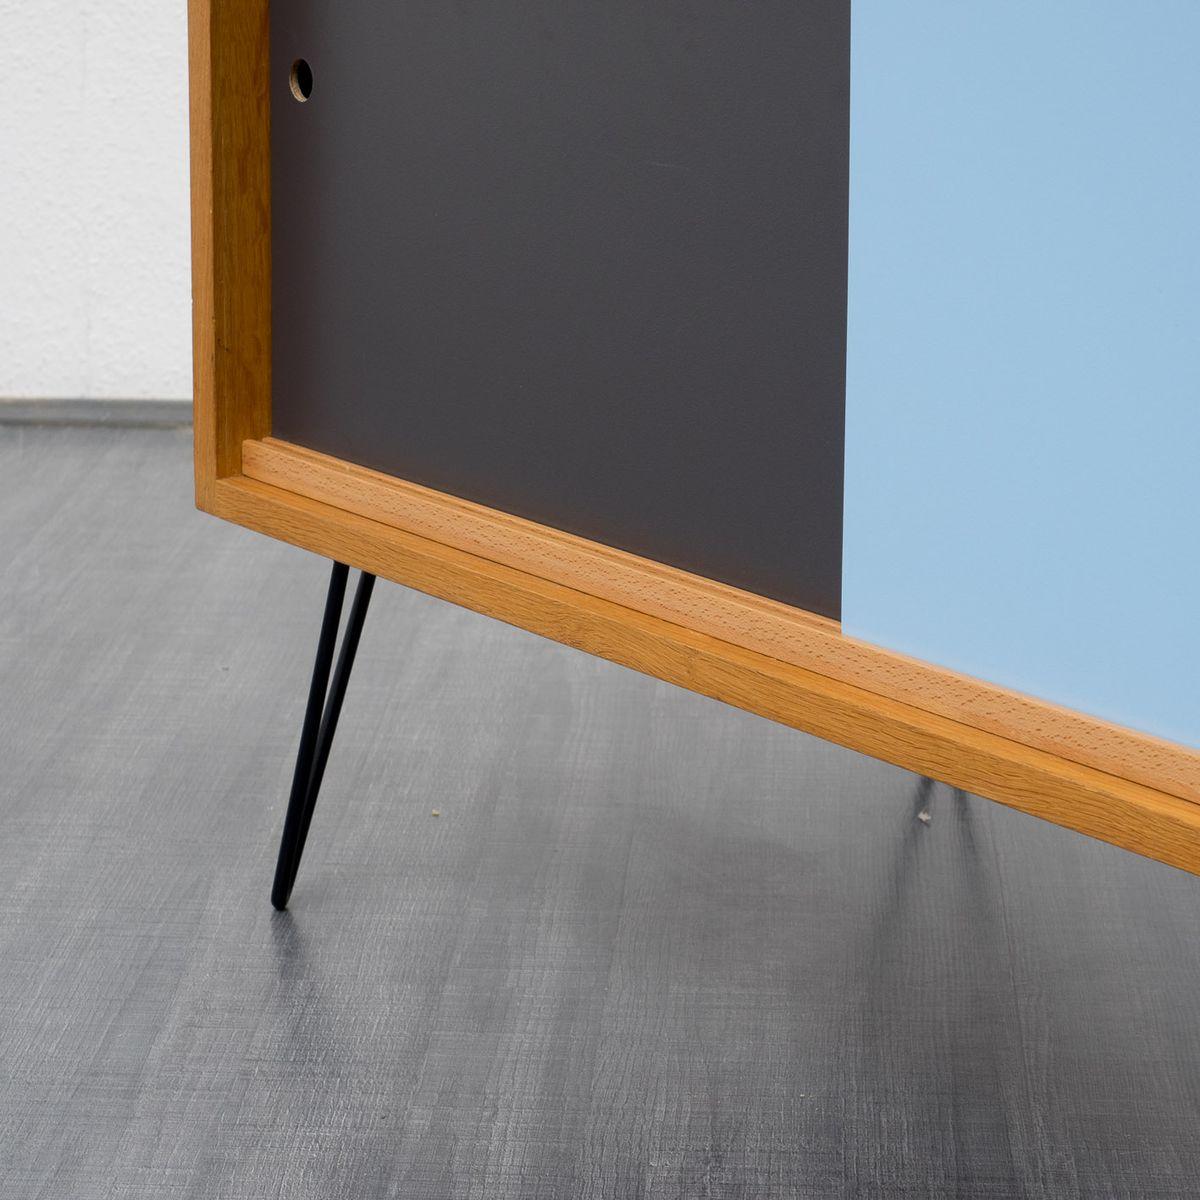 vintage eichenholz sideboard mit farbigen schrankt ren bei pamono kaufen. Black Bedroom Furniture Sets. Home Design Ideas